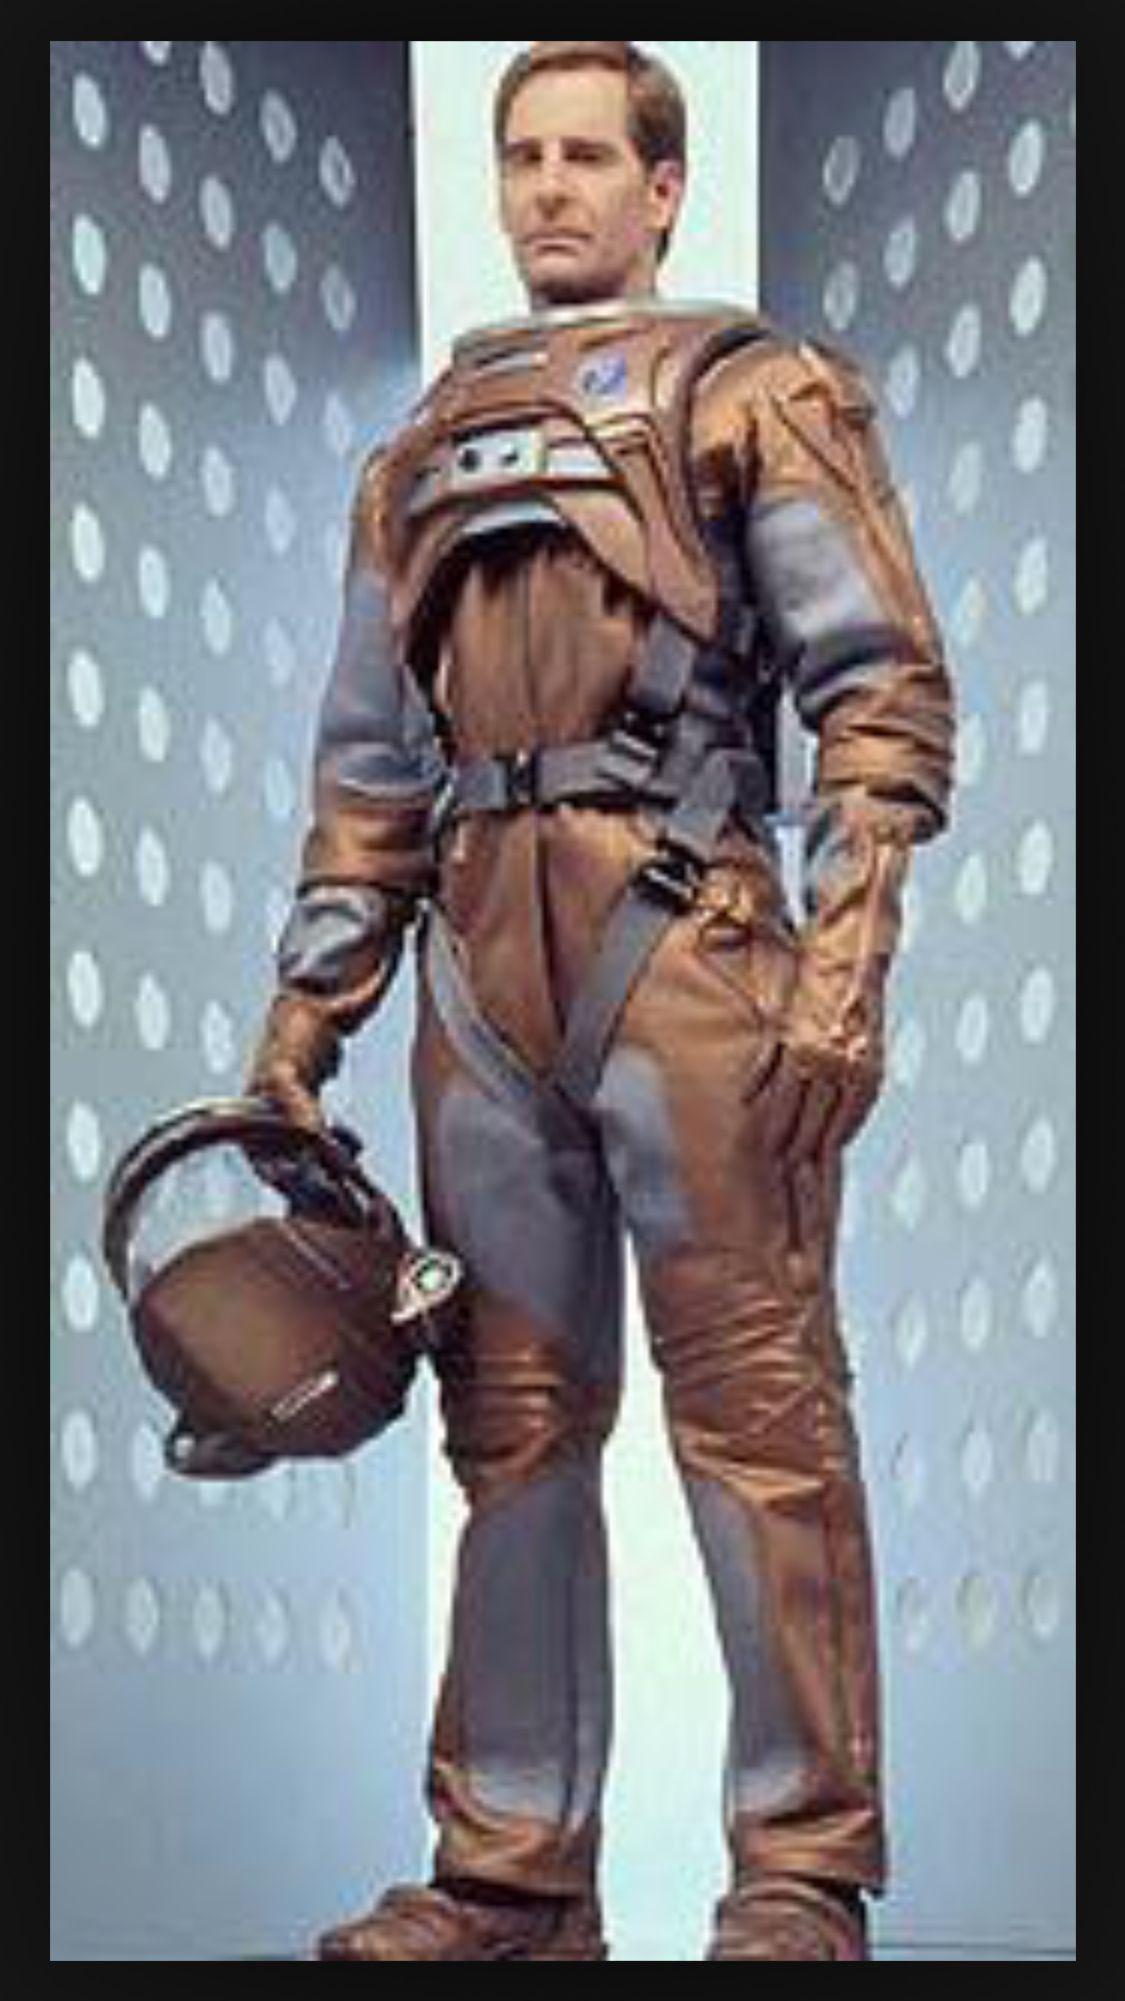 Consider, Star trek enterprise space suit speaking, would